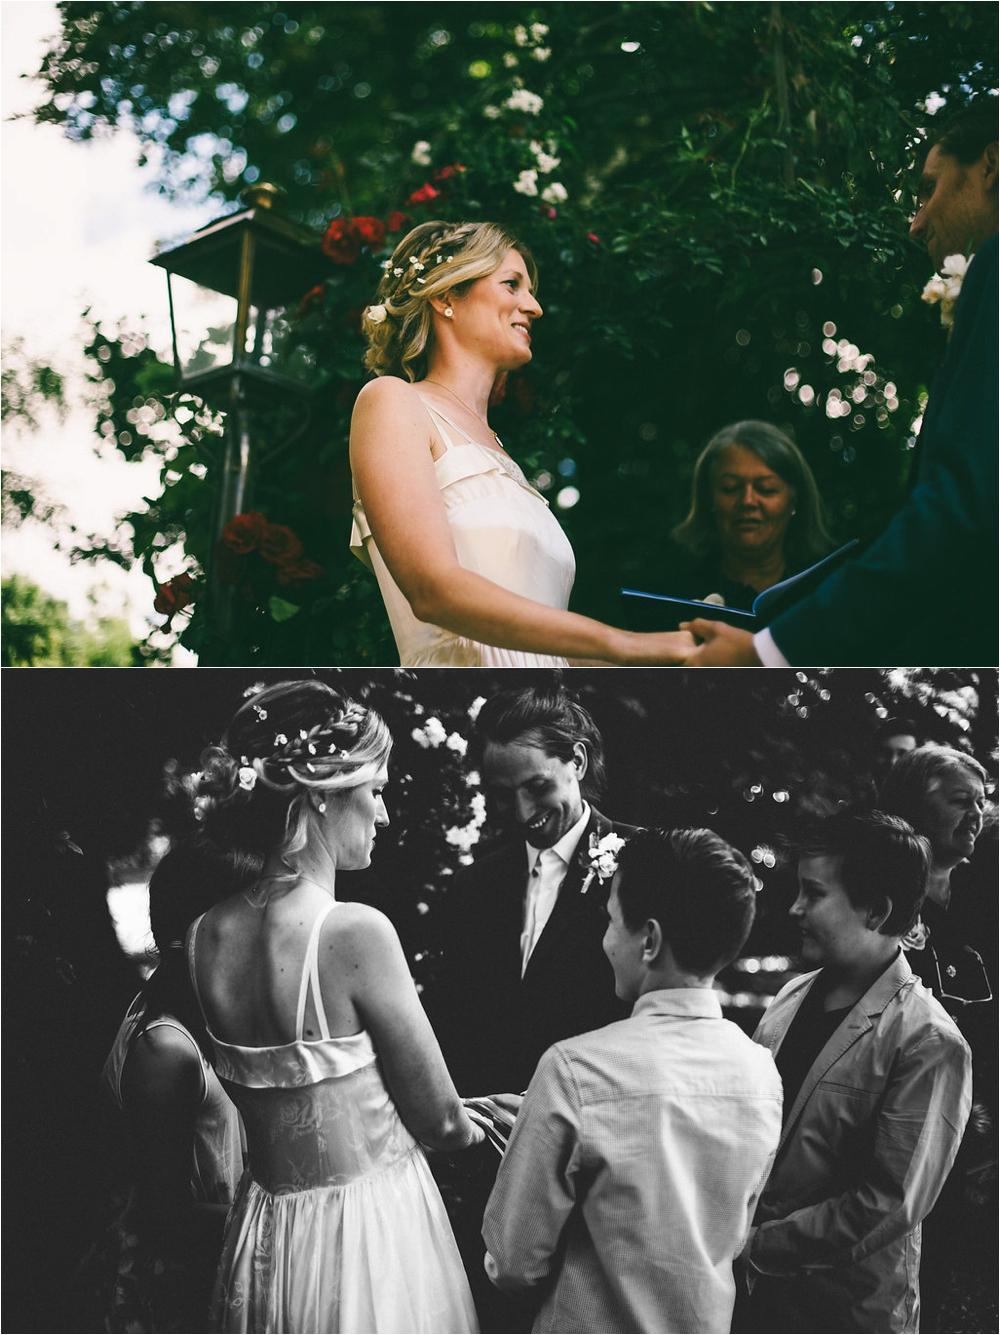 phographe-mariage-bordeaux-wedding-photographer-charente-la rochelle-dordogne_0134.jpg